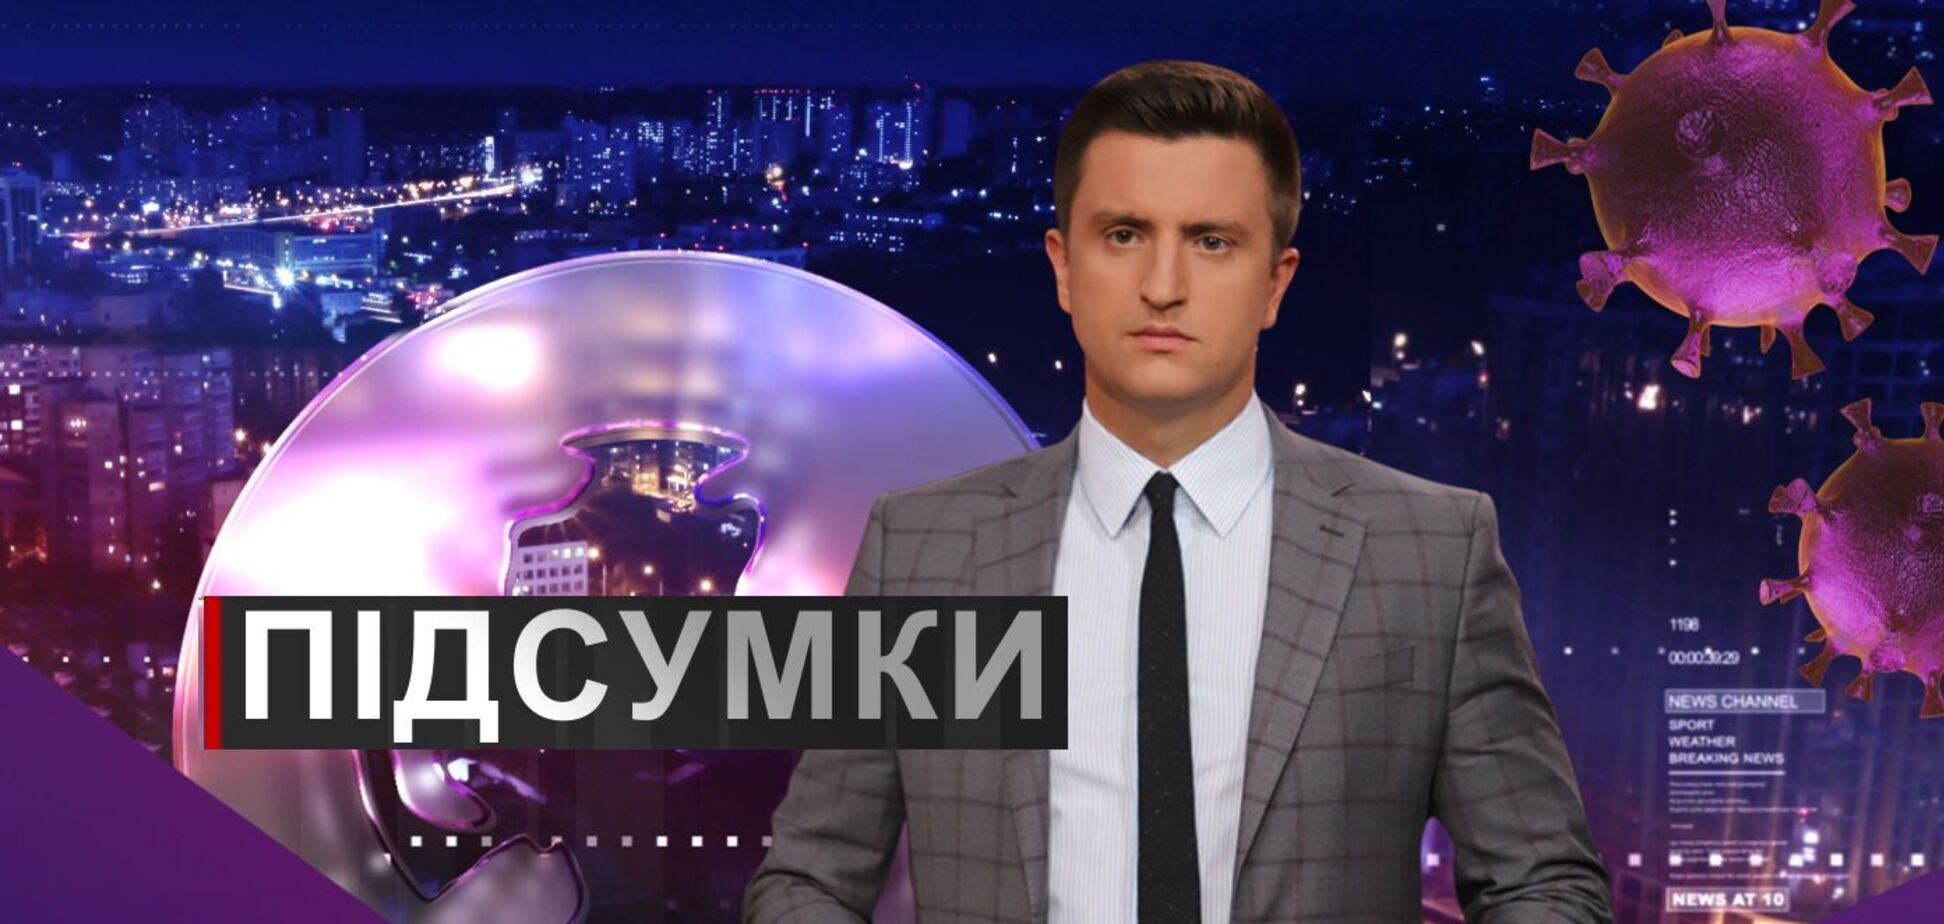 Підсумки дня з Вадимом Колодійчуком. Понеділок, 28 вересня